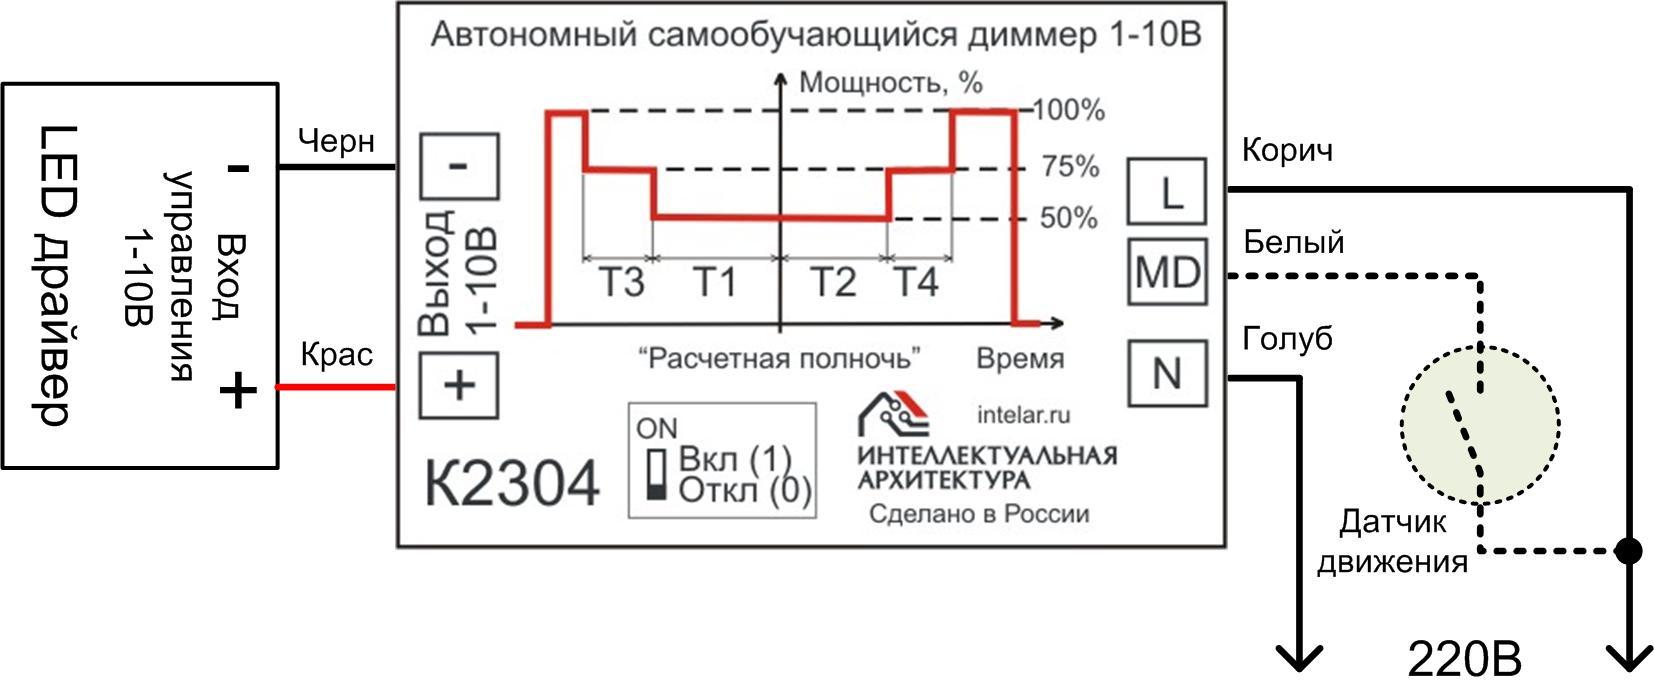 schema_k2304.jpg